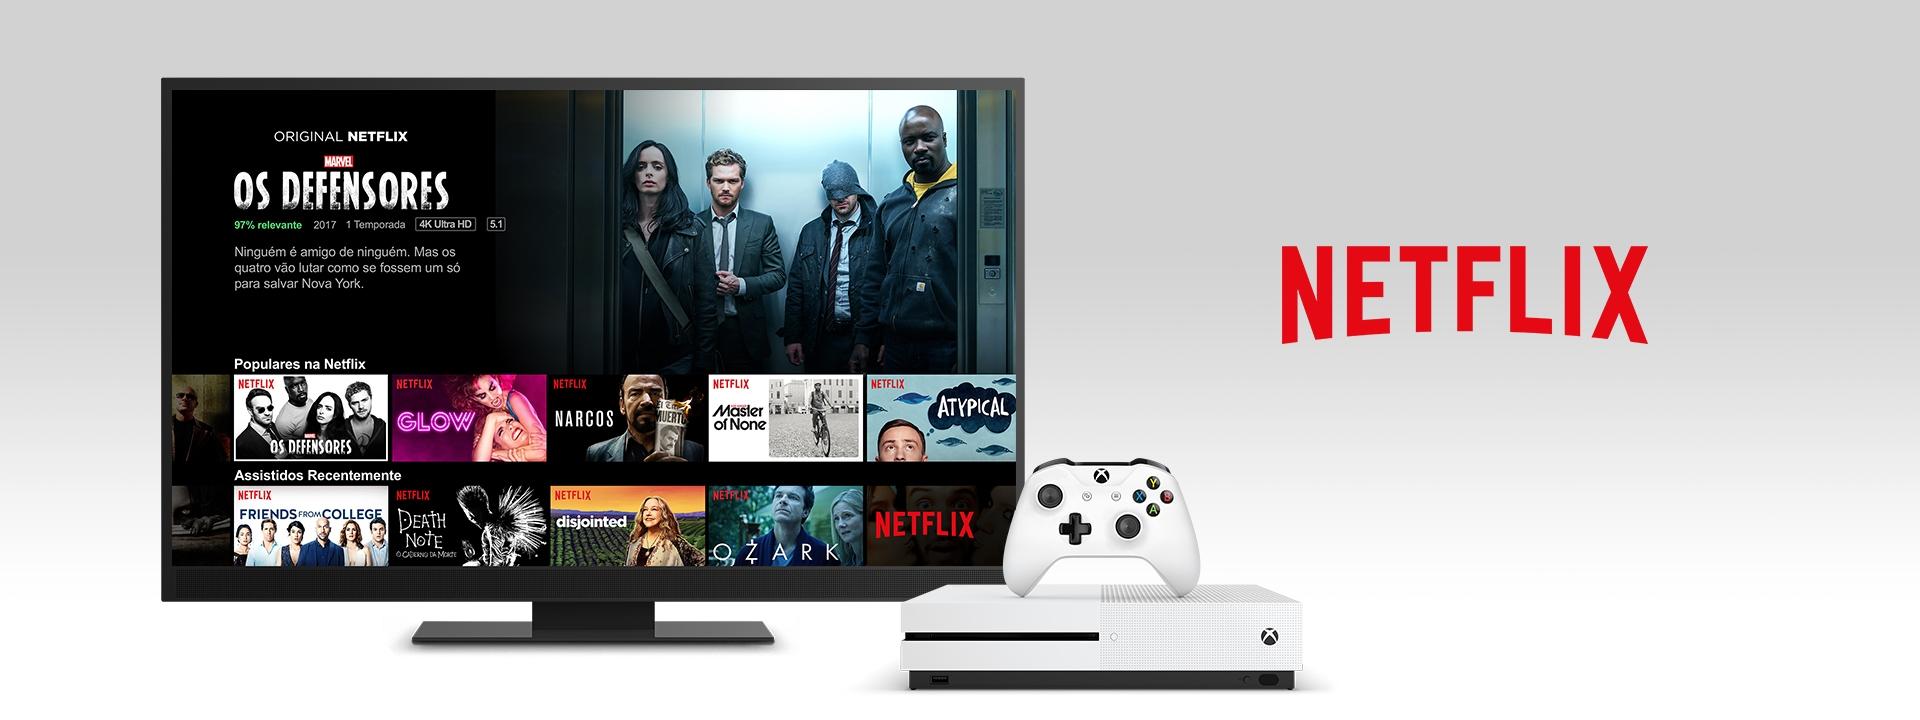 Netflix em um Xbox One